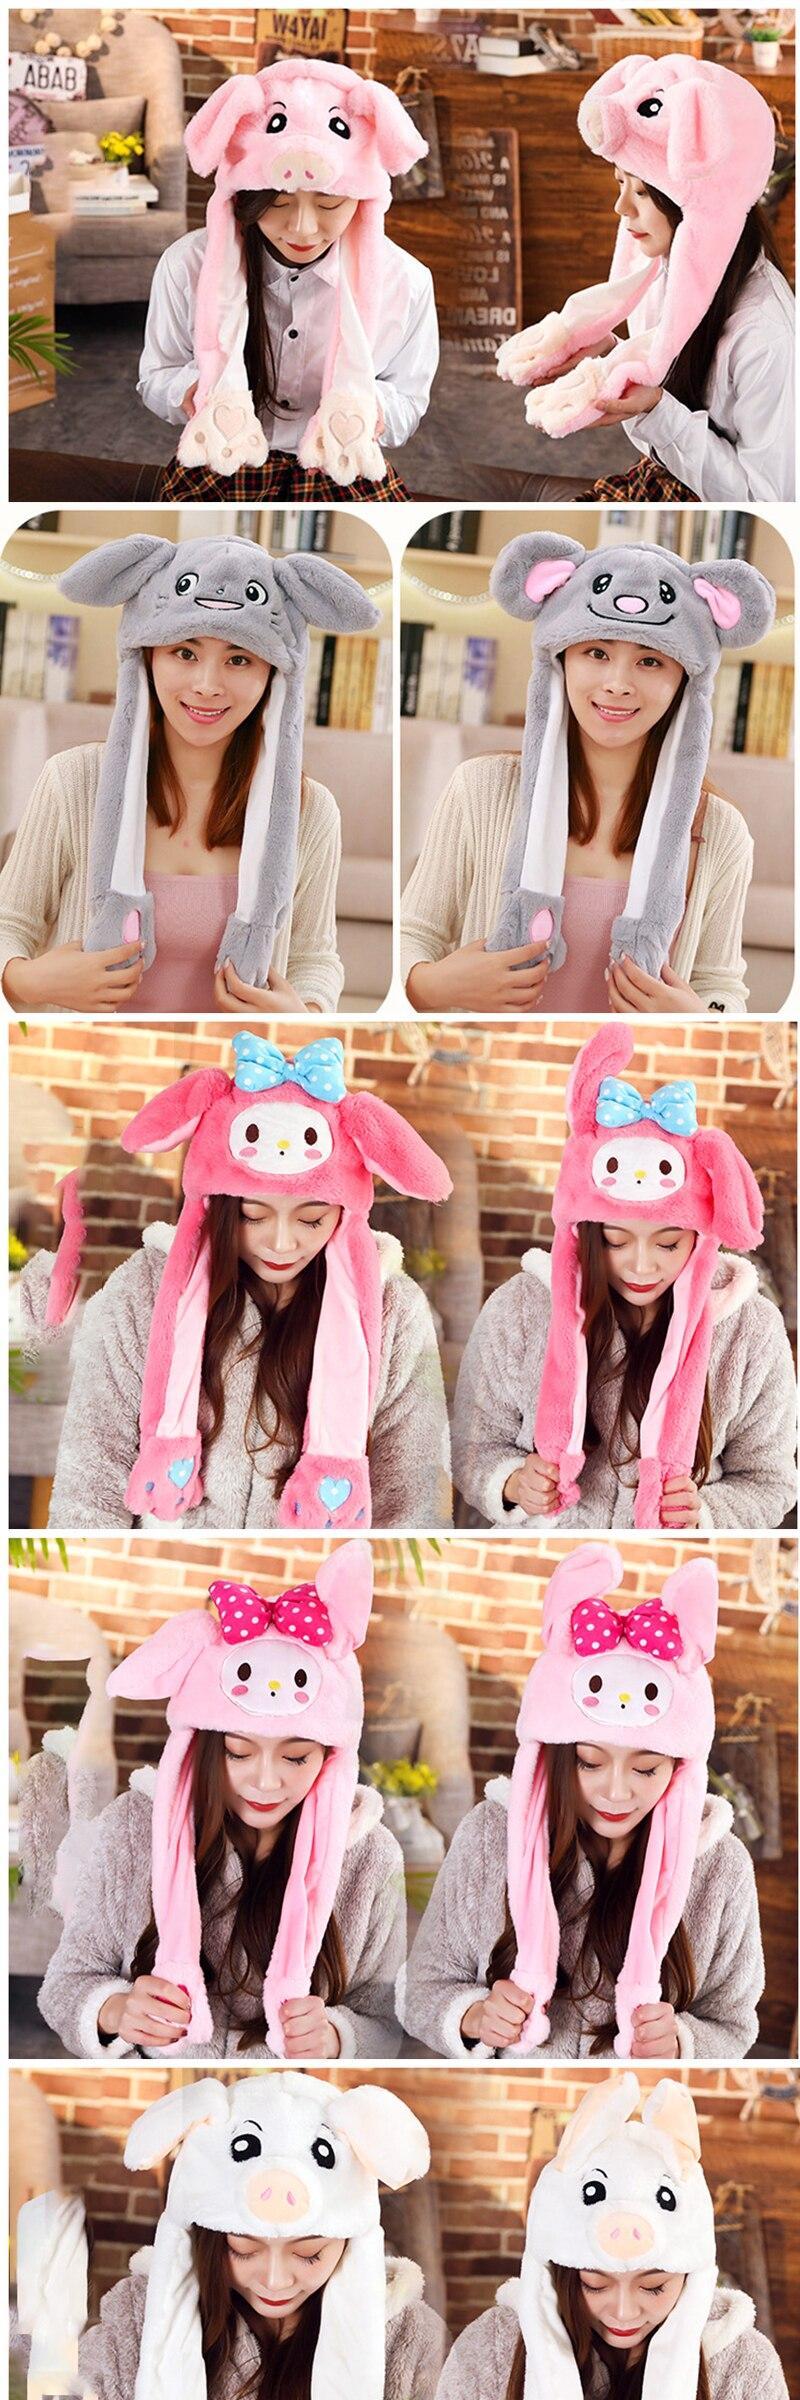 2019 новые шляпы мультфильм движущихся уши милый кролик игрушка подушка Каваи шляпа смешной шляпе для девочек Шапочка дети плюшевые игрушки Рождественский подарок